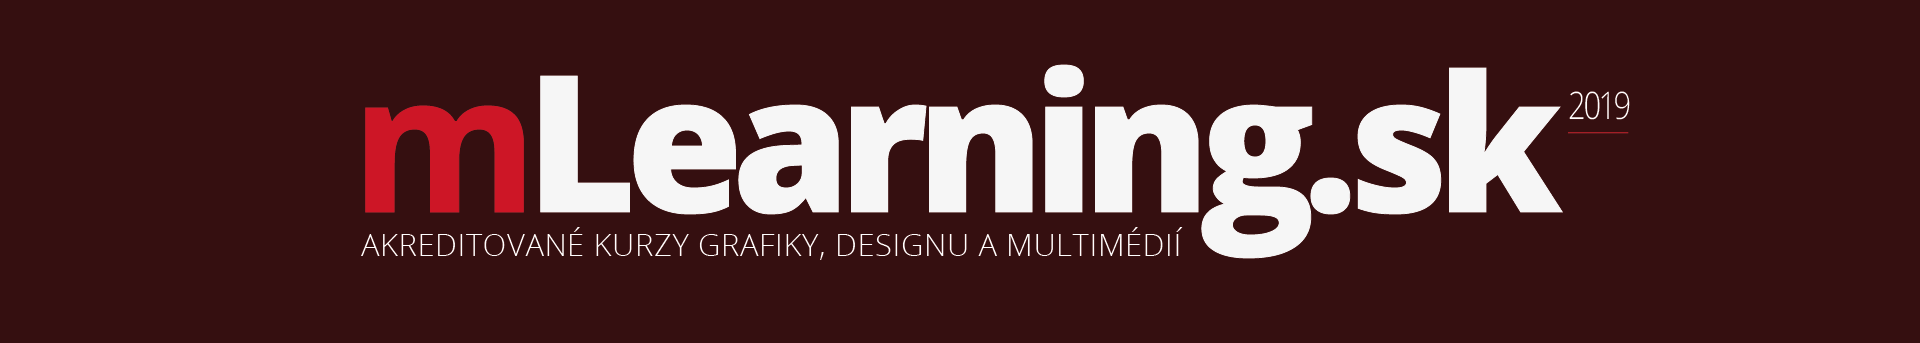 mLearning.sk = akreditované kurzy grafiky, grafické kurzy, kurzy Adobe Illustrator, kurzy Photoshop,, kurzy InDesign, kurzy Corel, kurzy tvorba webstránok, kurzy grafický design, kurzy webdesign, kurzy KOMPAS, Košice, Prešov